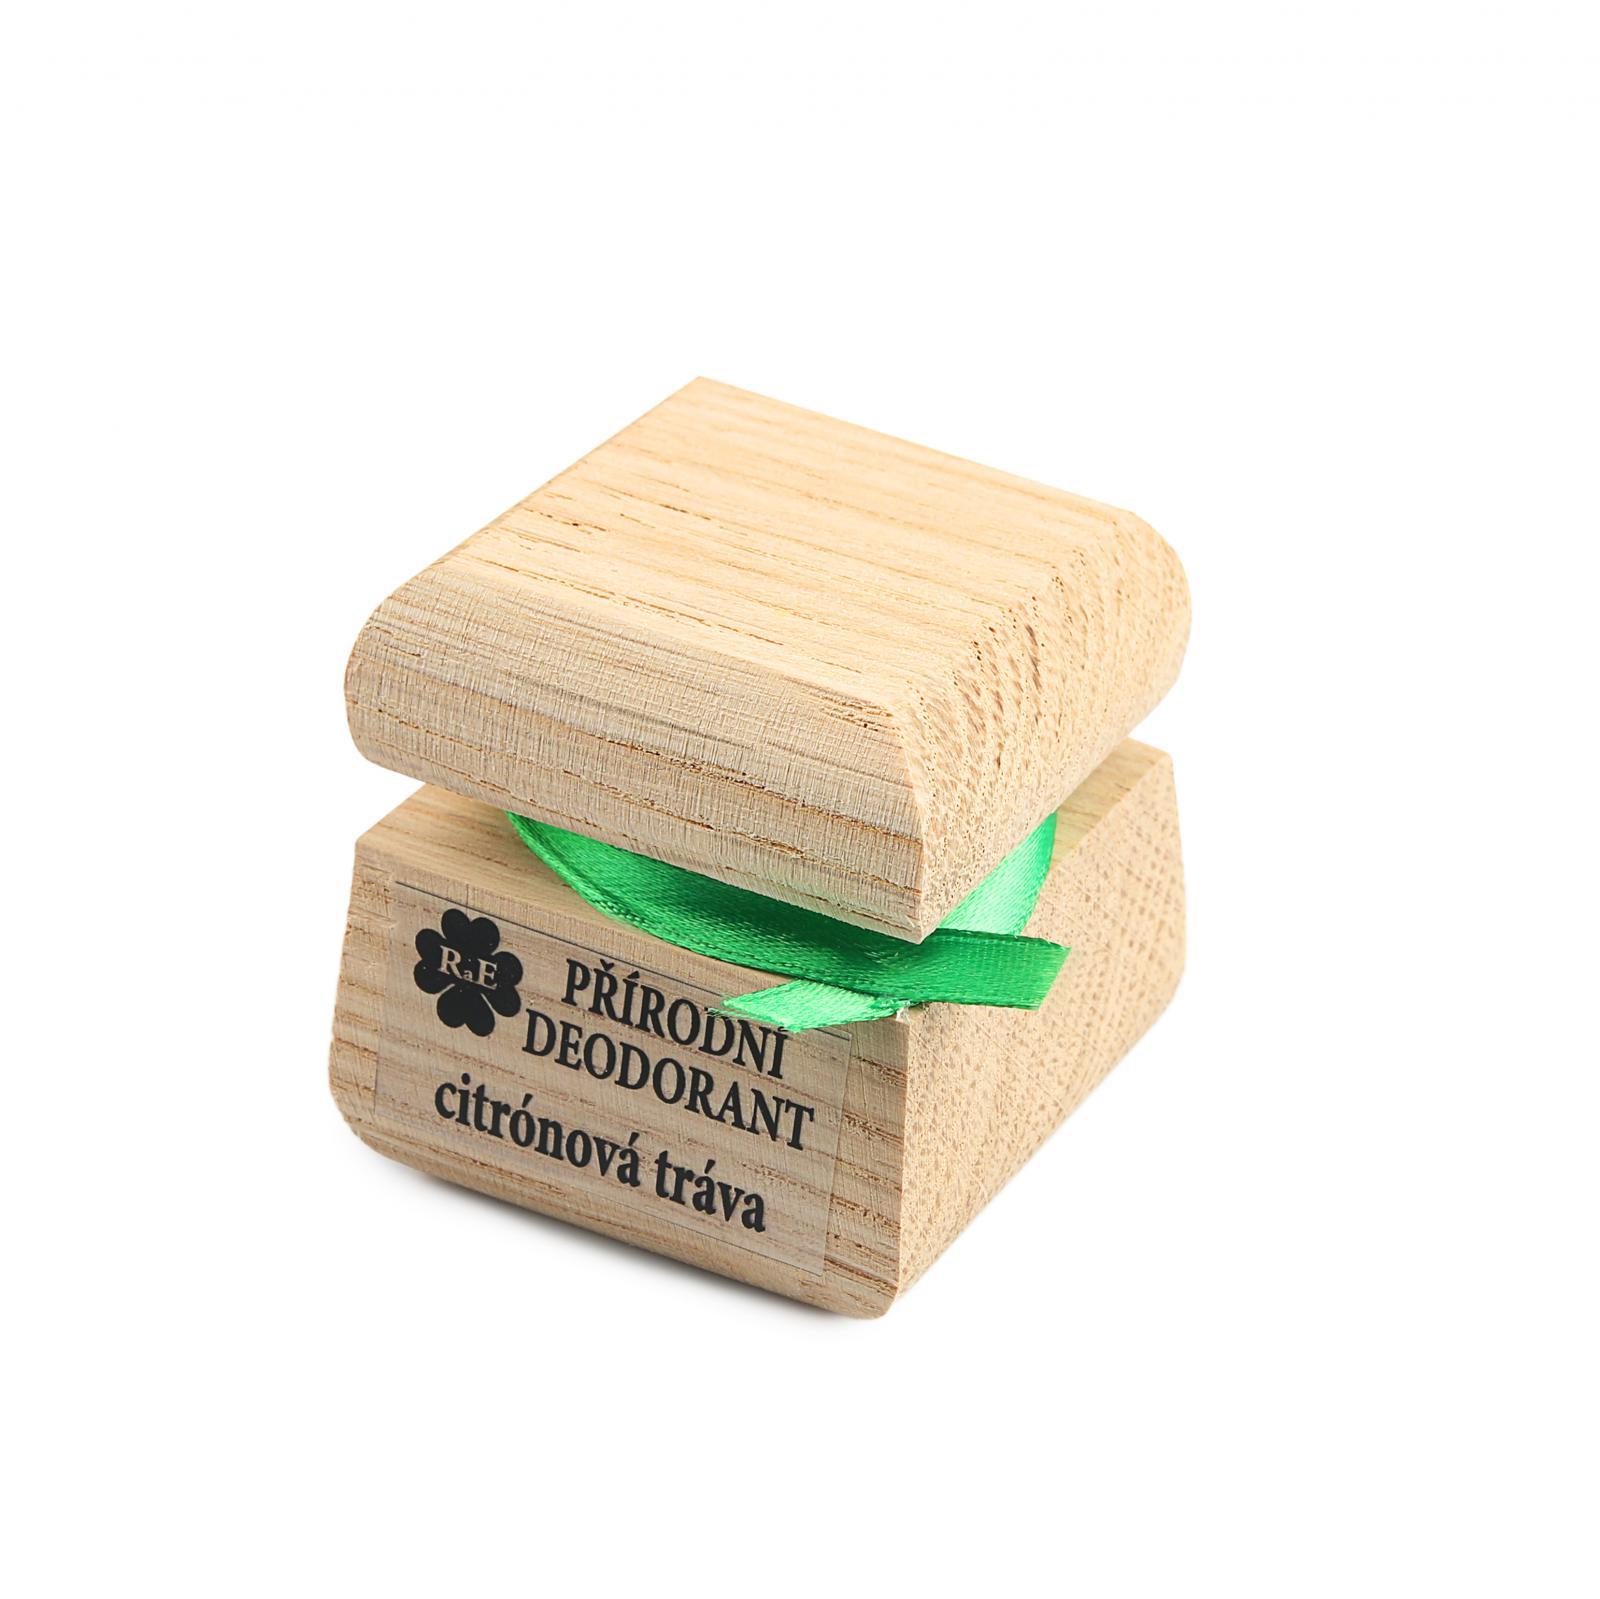 RaE Přírodní krémový deodorant s vůní citronové trávy 15 ml dřevěný obal